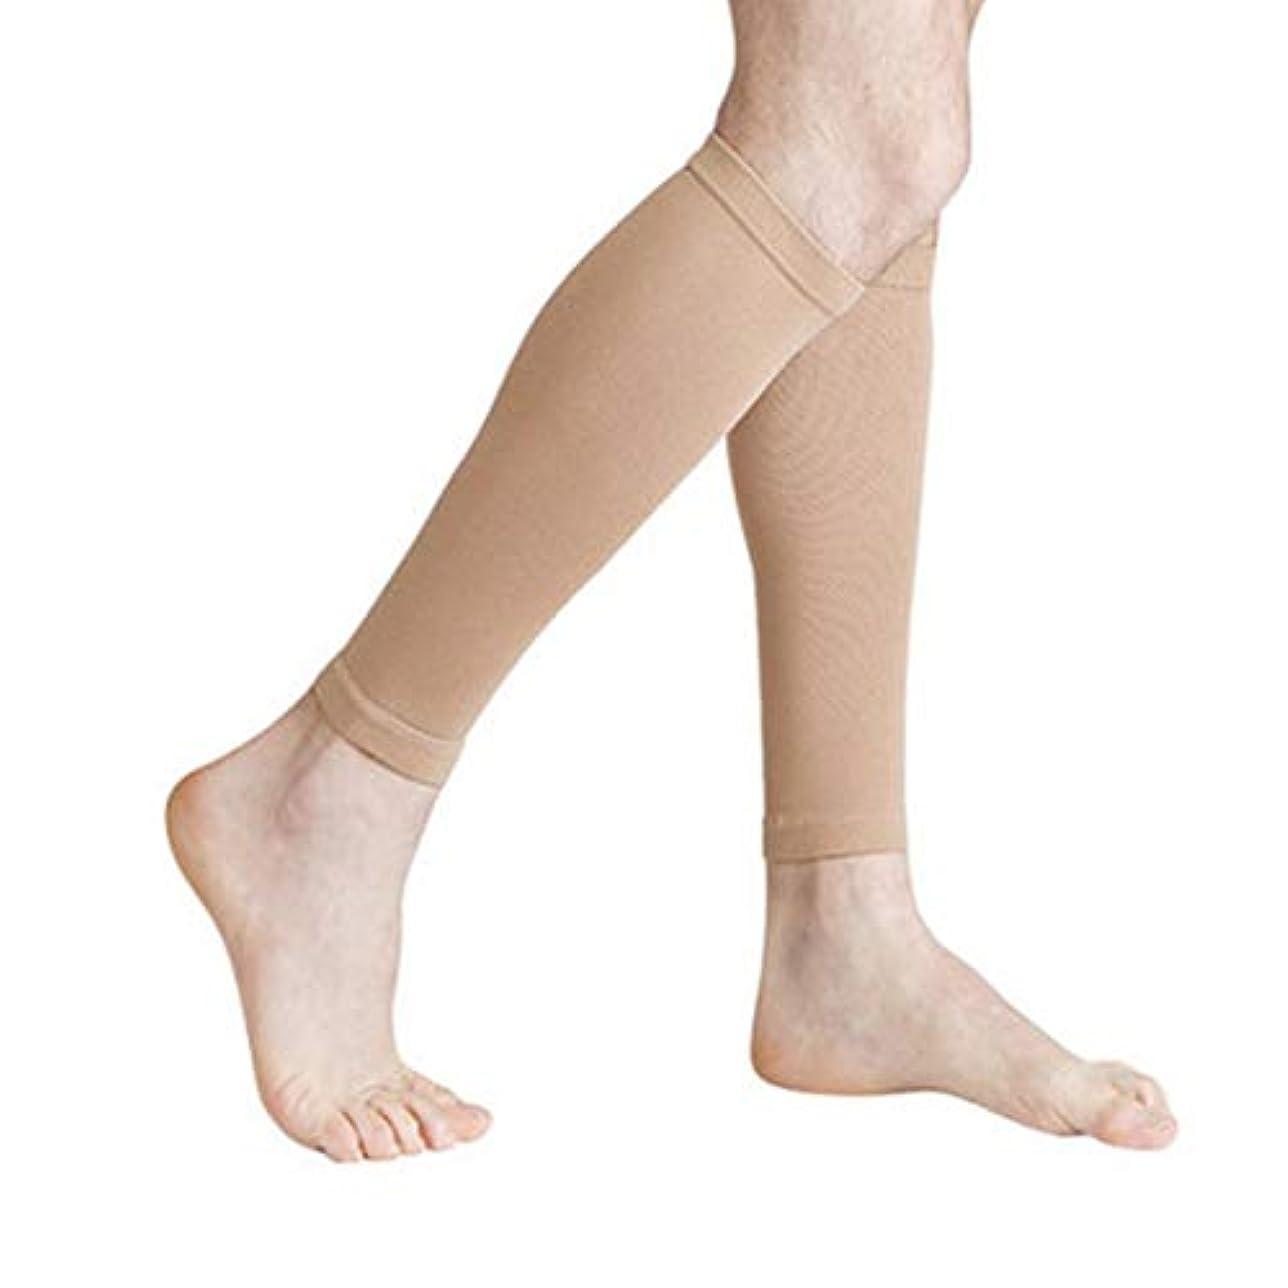 温かいサポートスクラッチ丈夫な男性女性プロの圧縮靴下通気性のある旅行活動看護師用シントスプリントフライトトラベル - 肌色